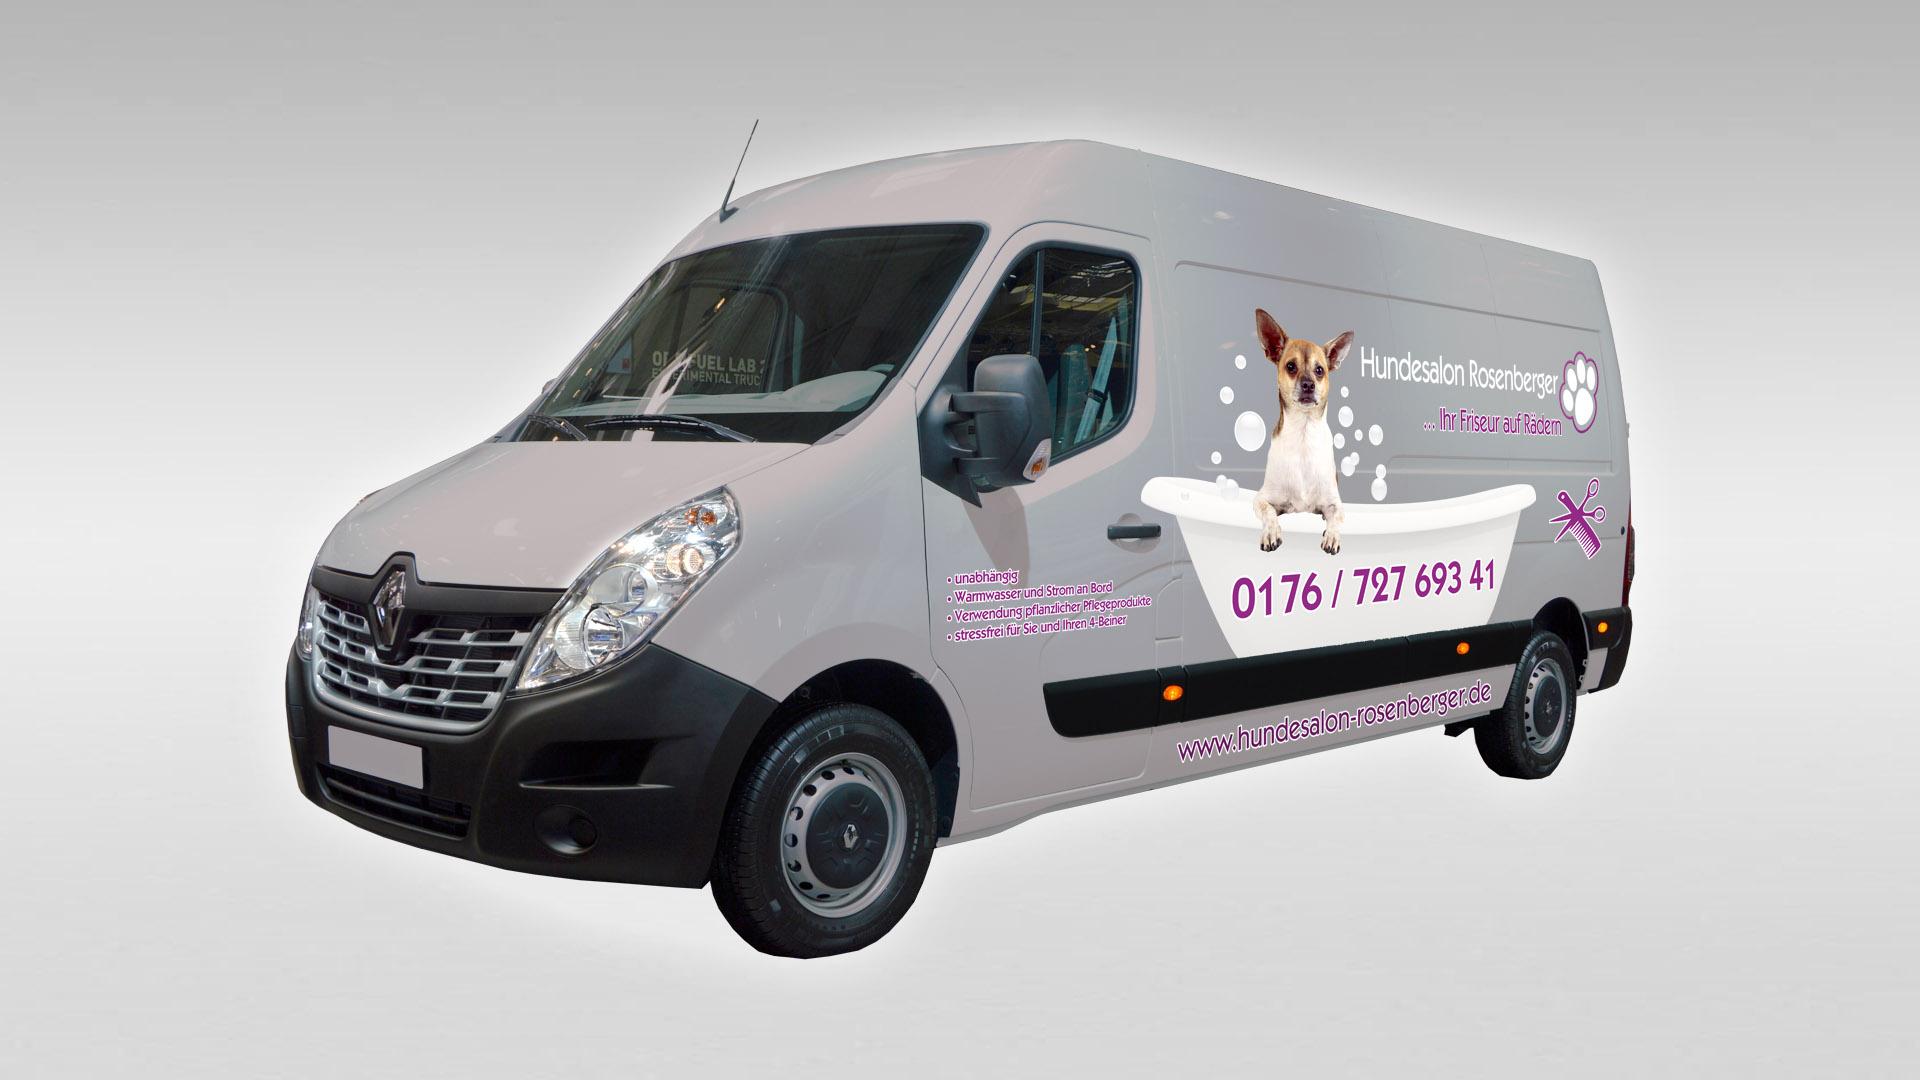 Hundesalon Rosenberger - Fahrzeugfolierung Renault Master reale Umsetzung